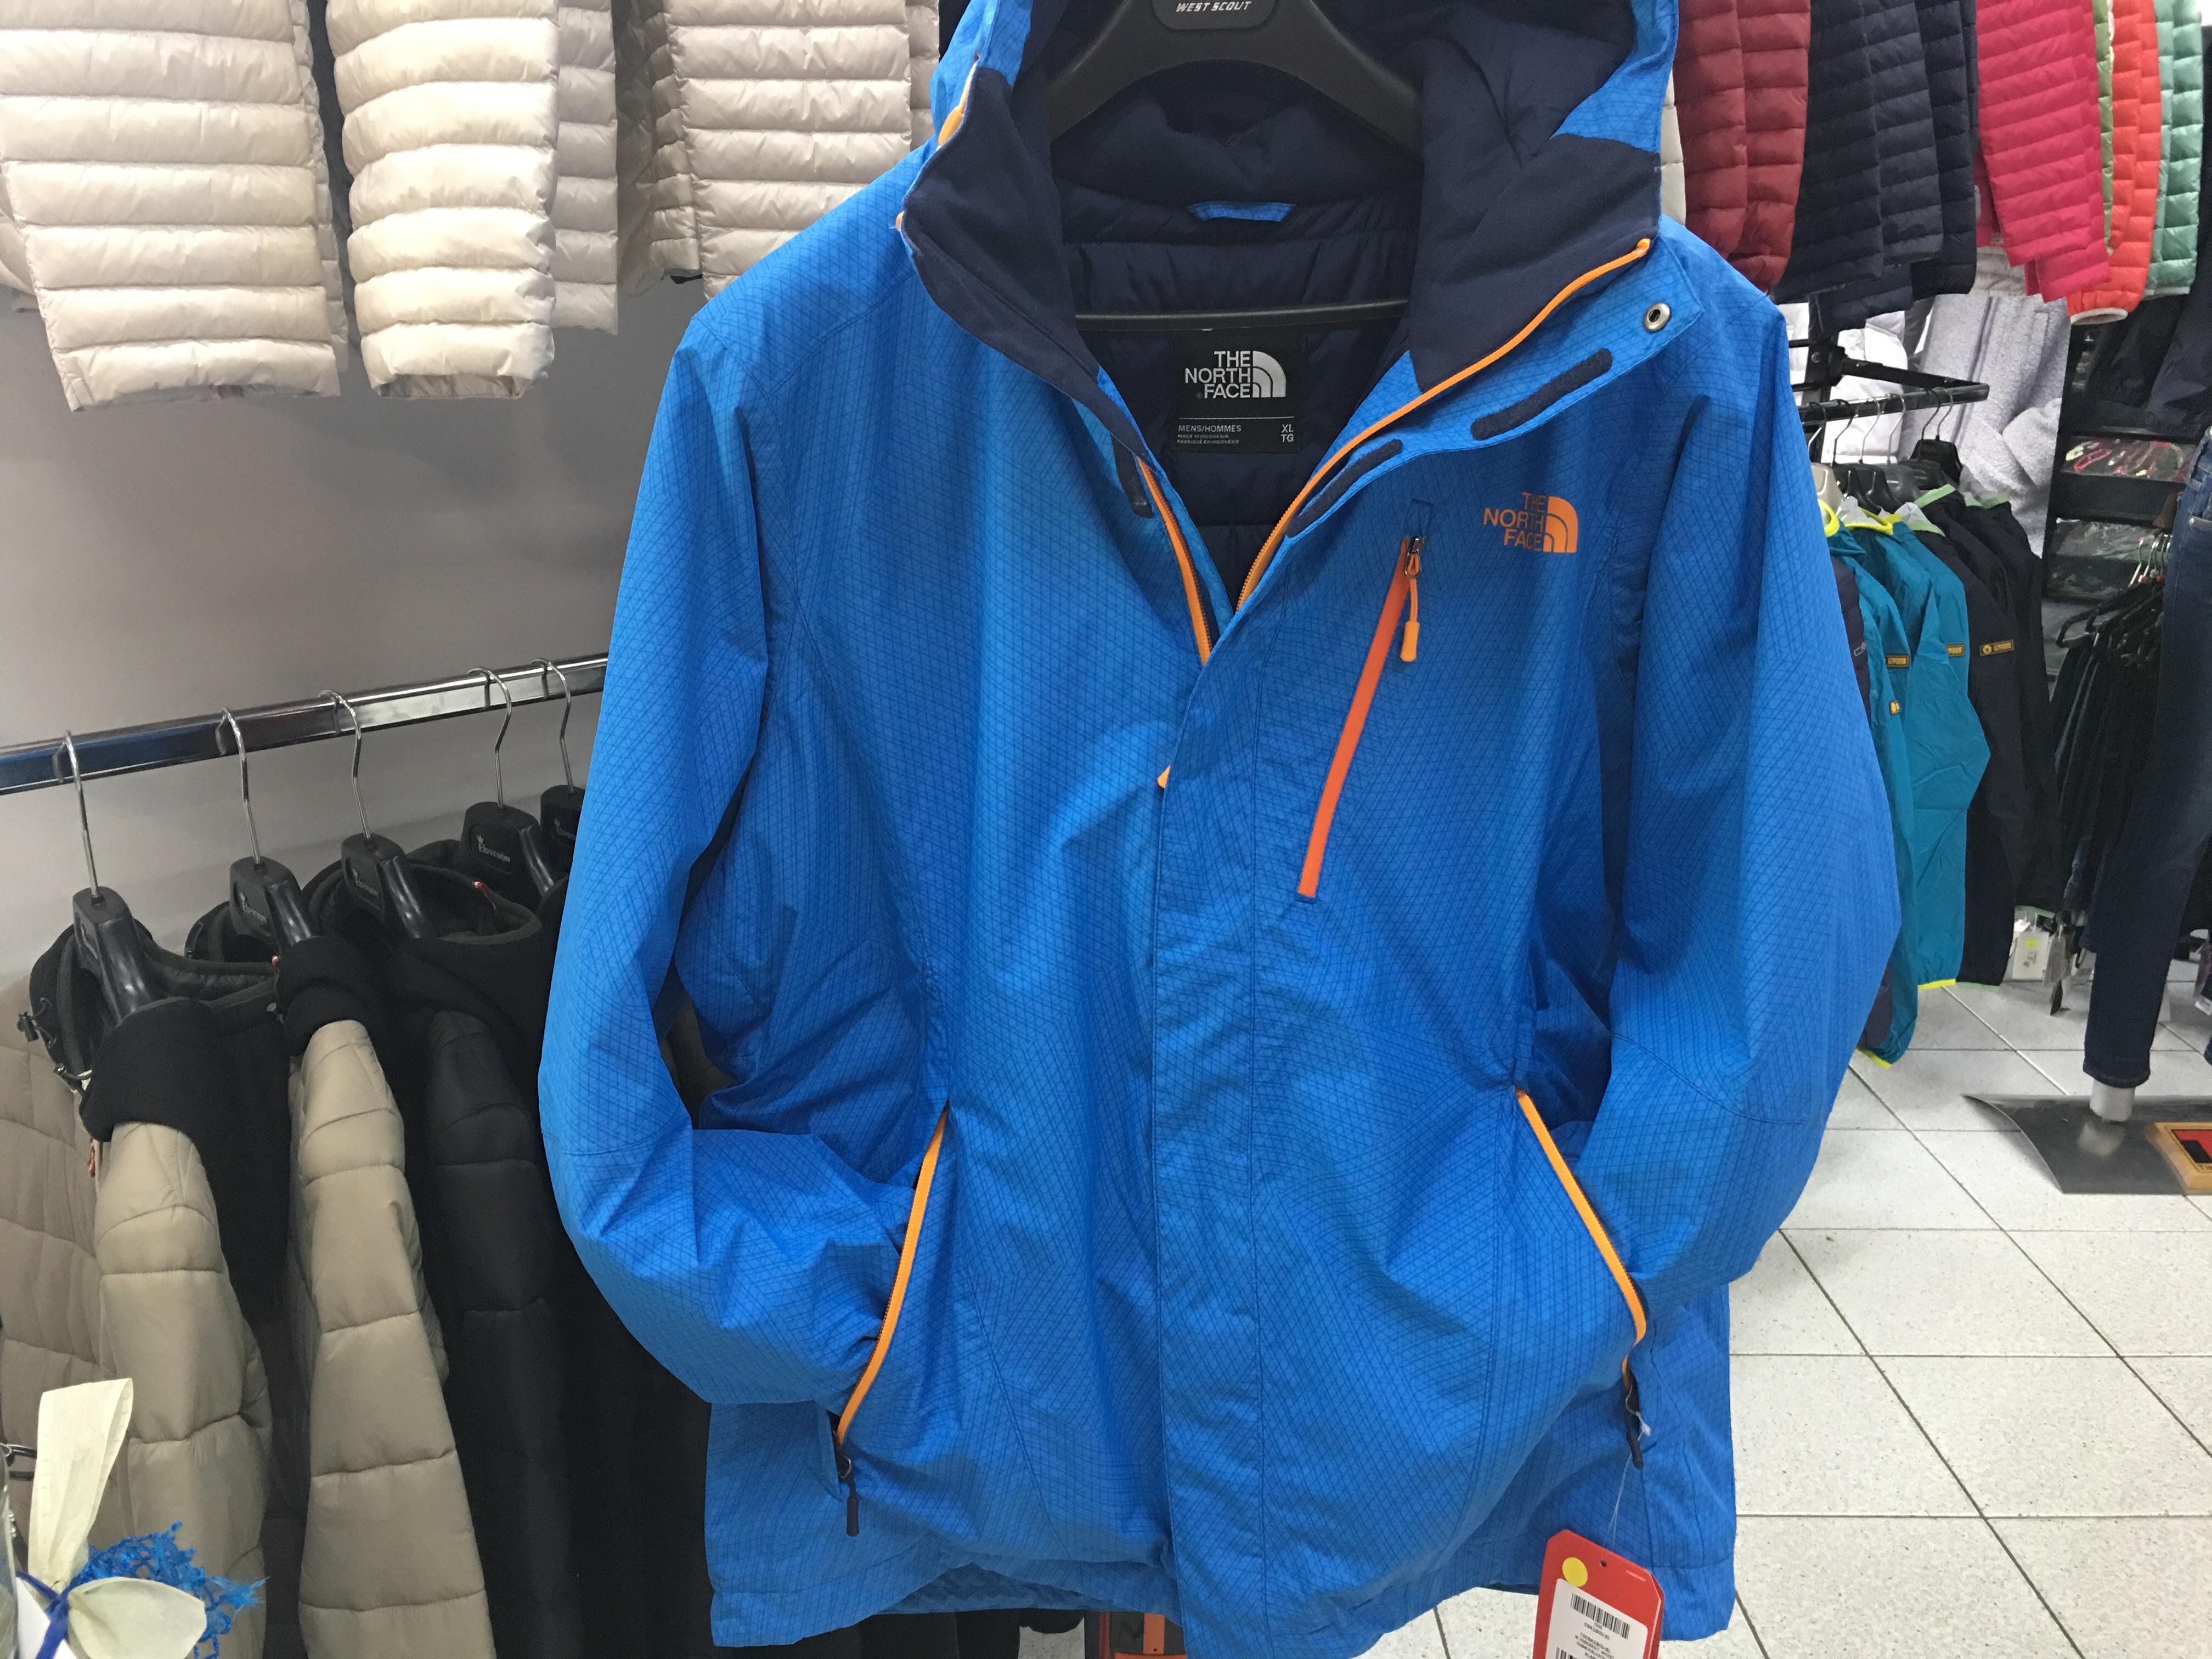 North The Sci Giacca Tecnico Abbigliamento Face Uomo Offerta tITSwaxqt 0a1ed128966